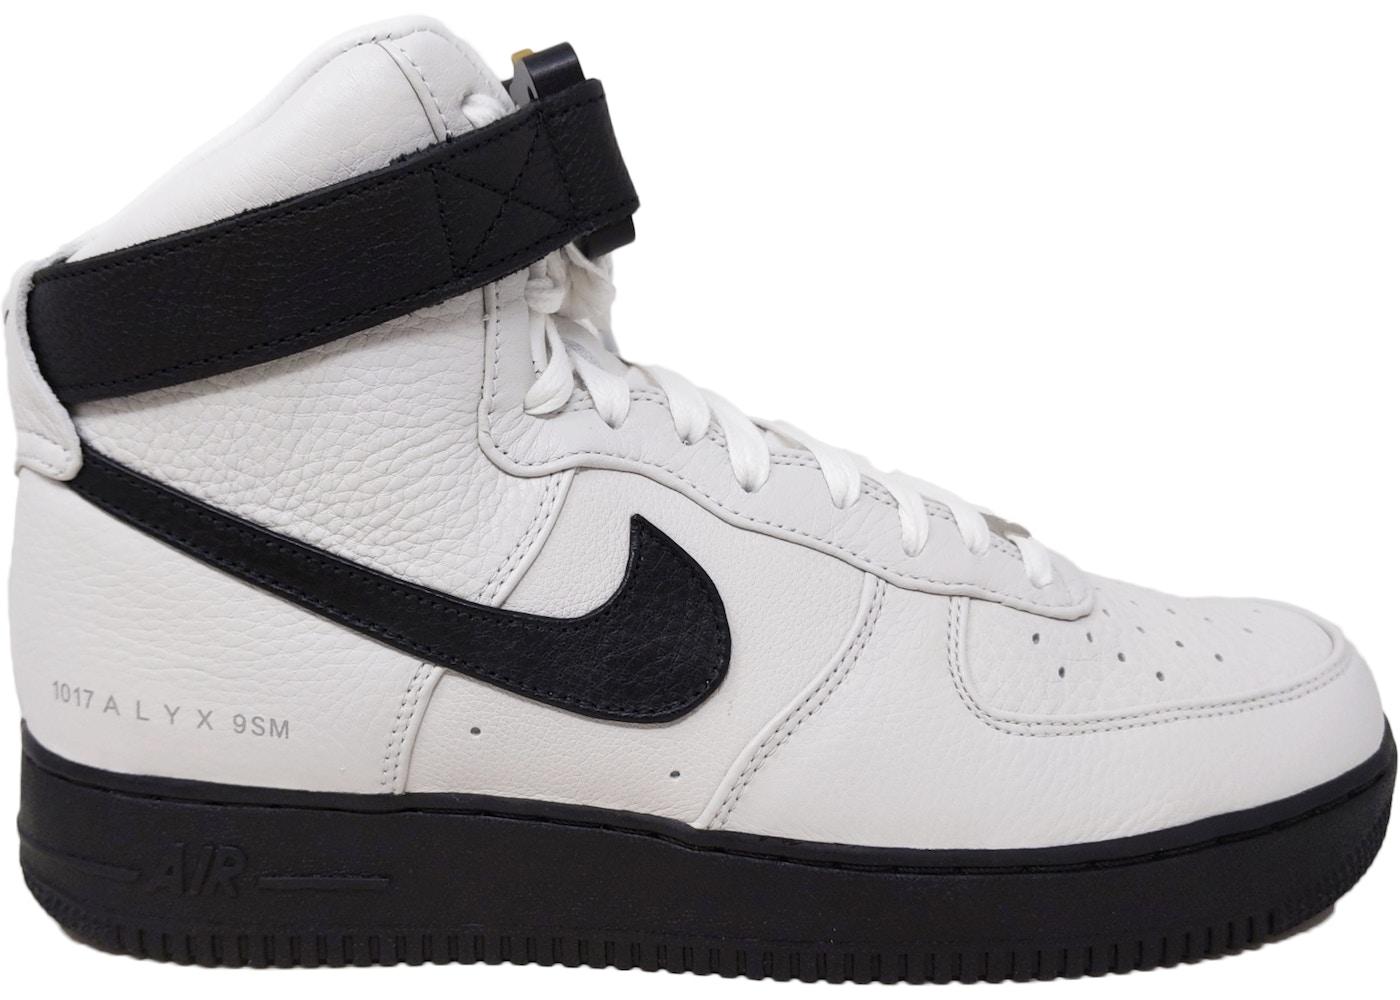 Nike Air Force 1 High Alyx White Black 2020 Cq4018 101